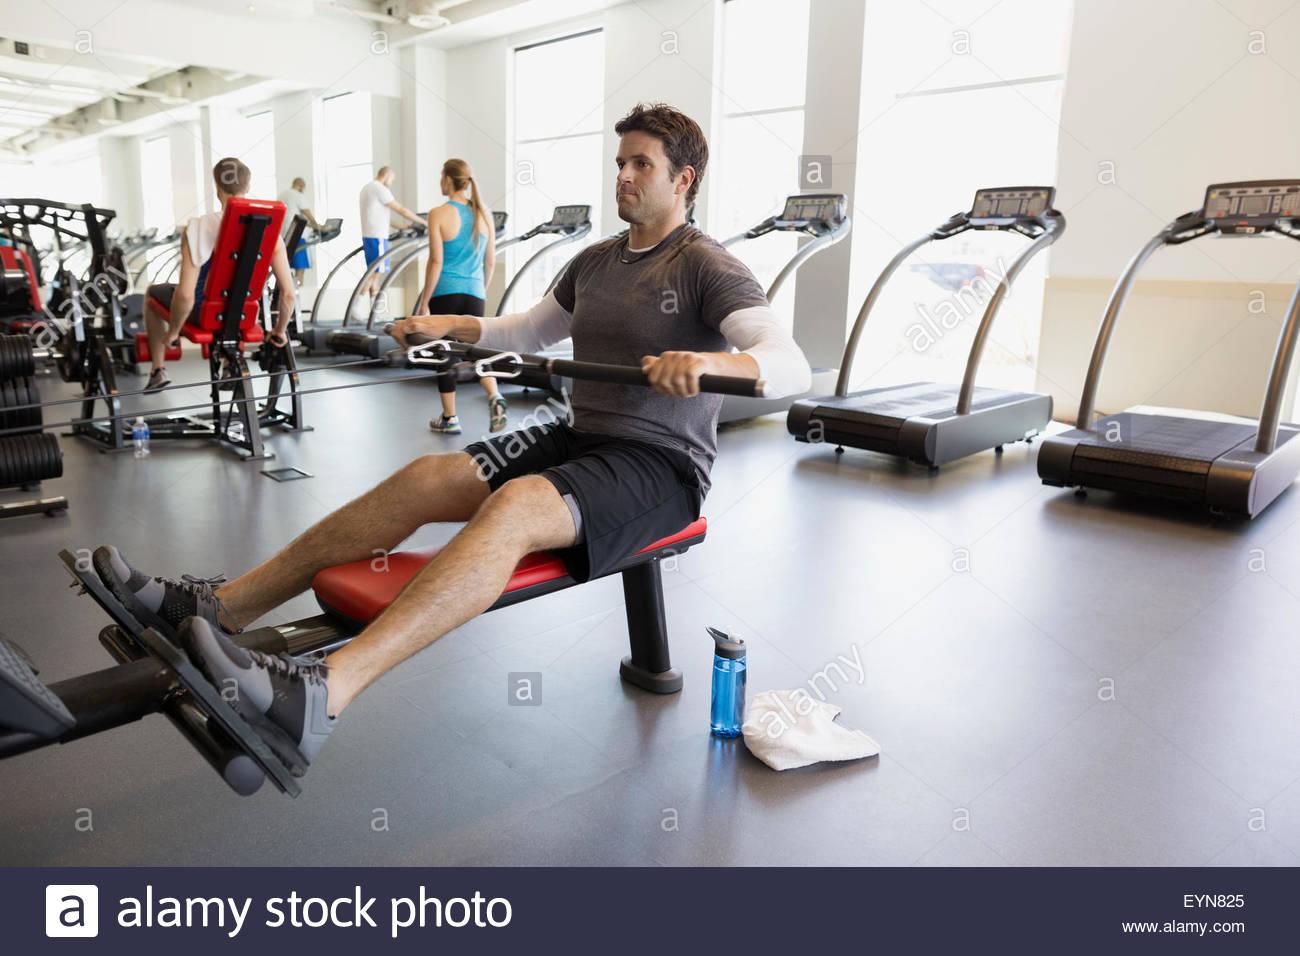 Mann tut sitzen Kabel Zeile in Turnhalle Stockbild